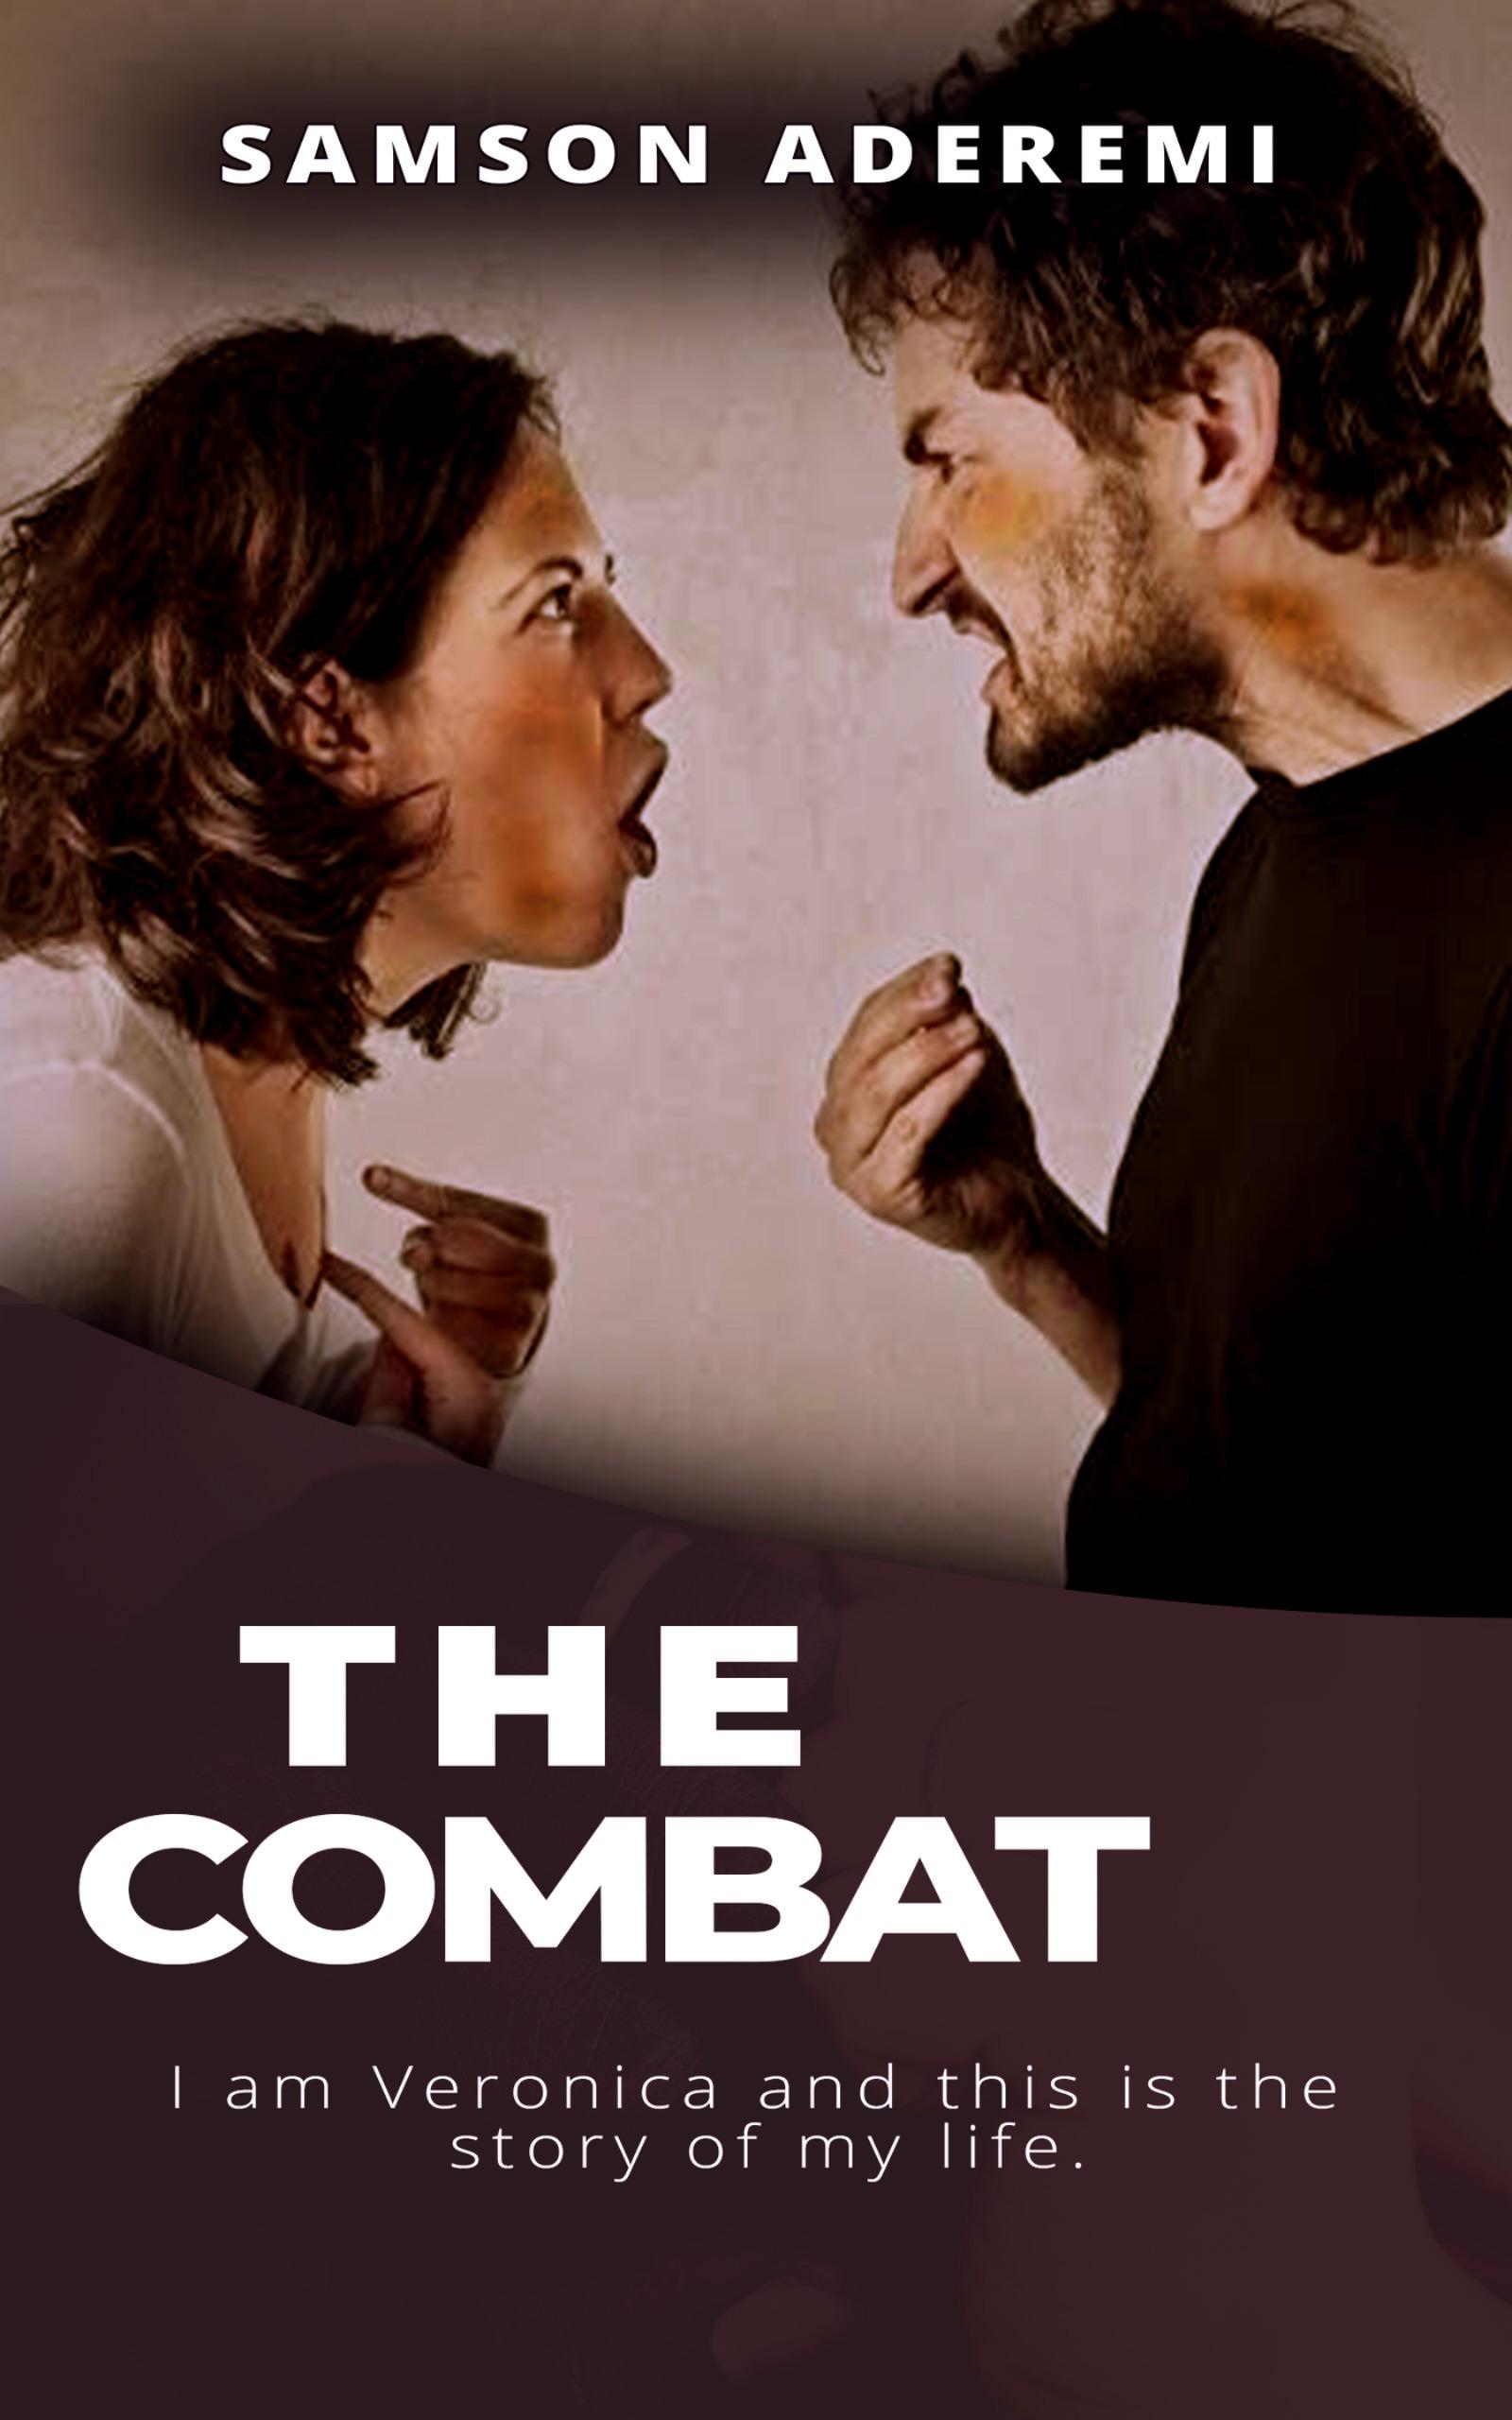 The Combat